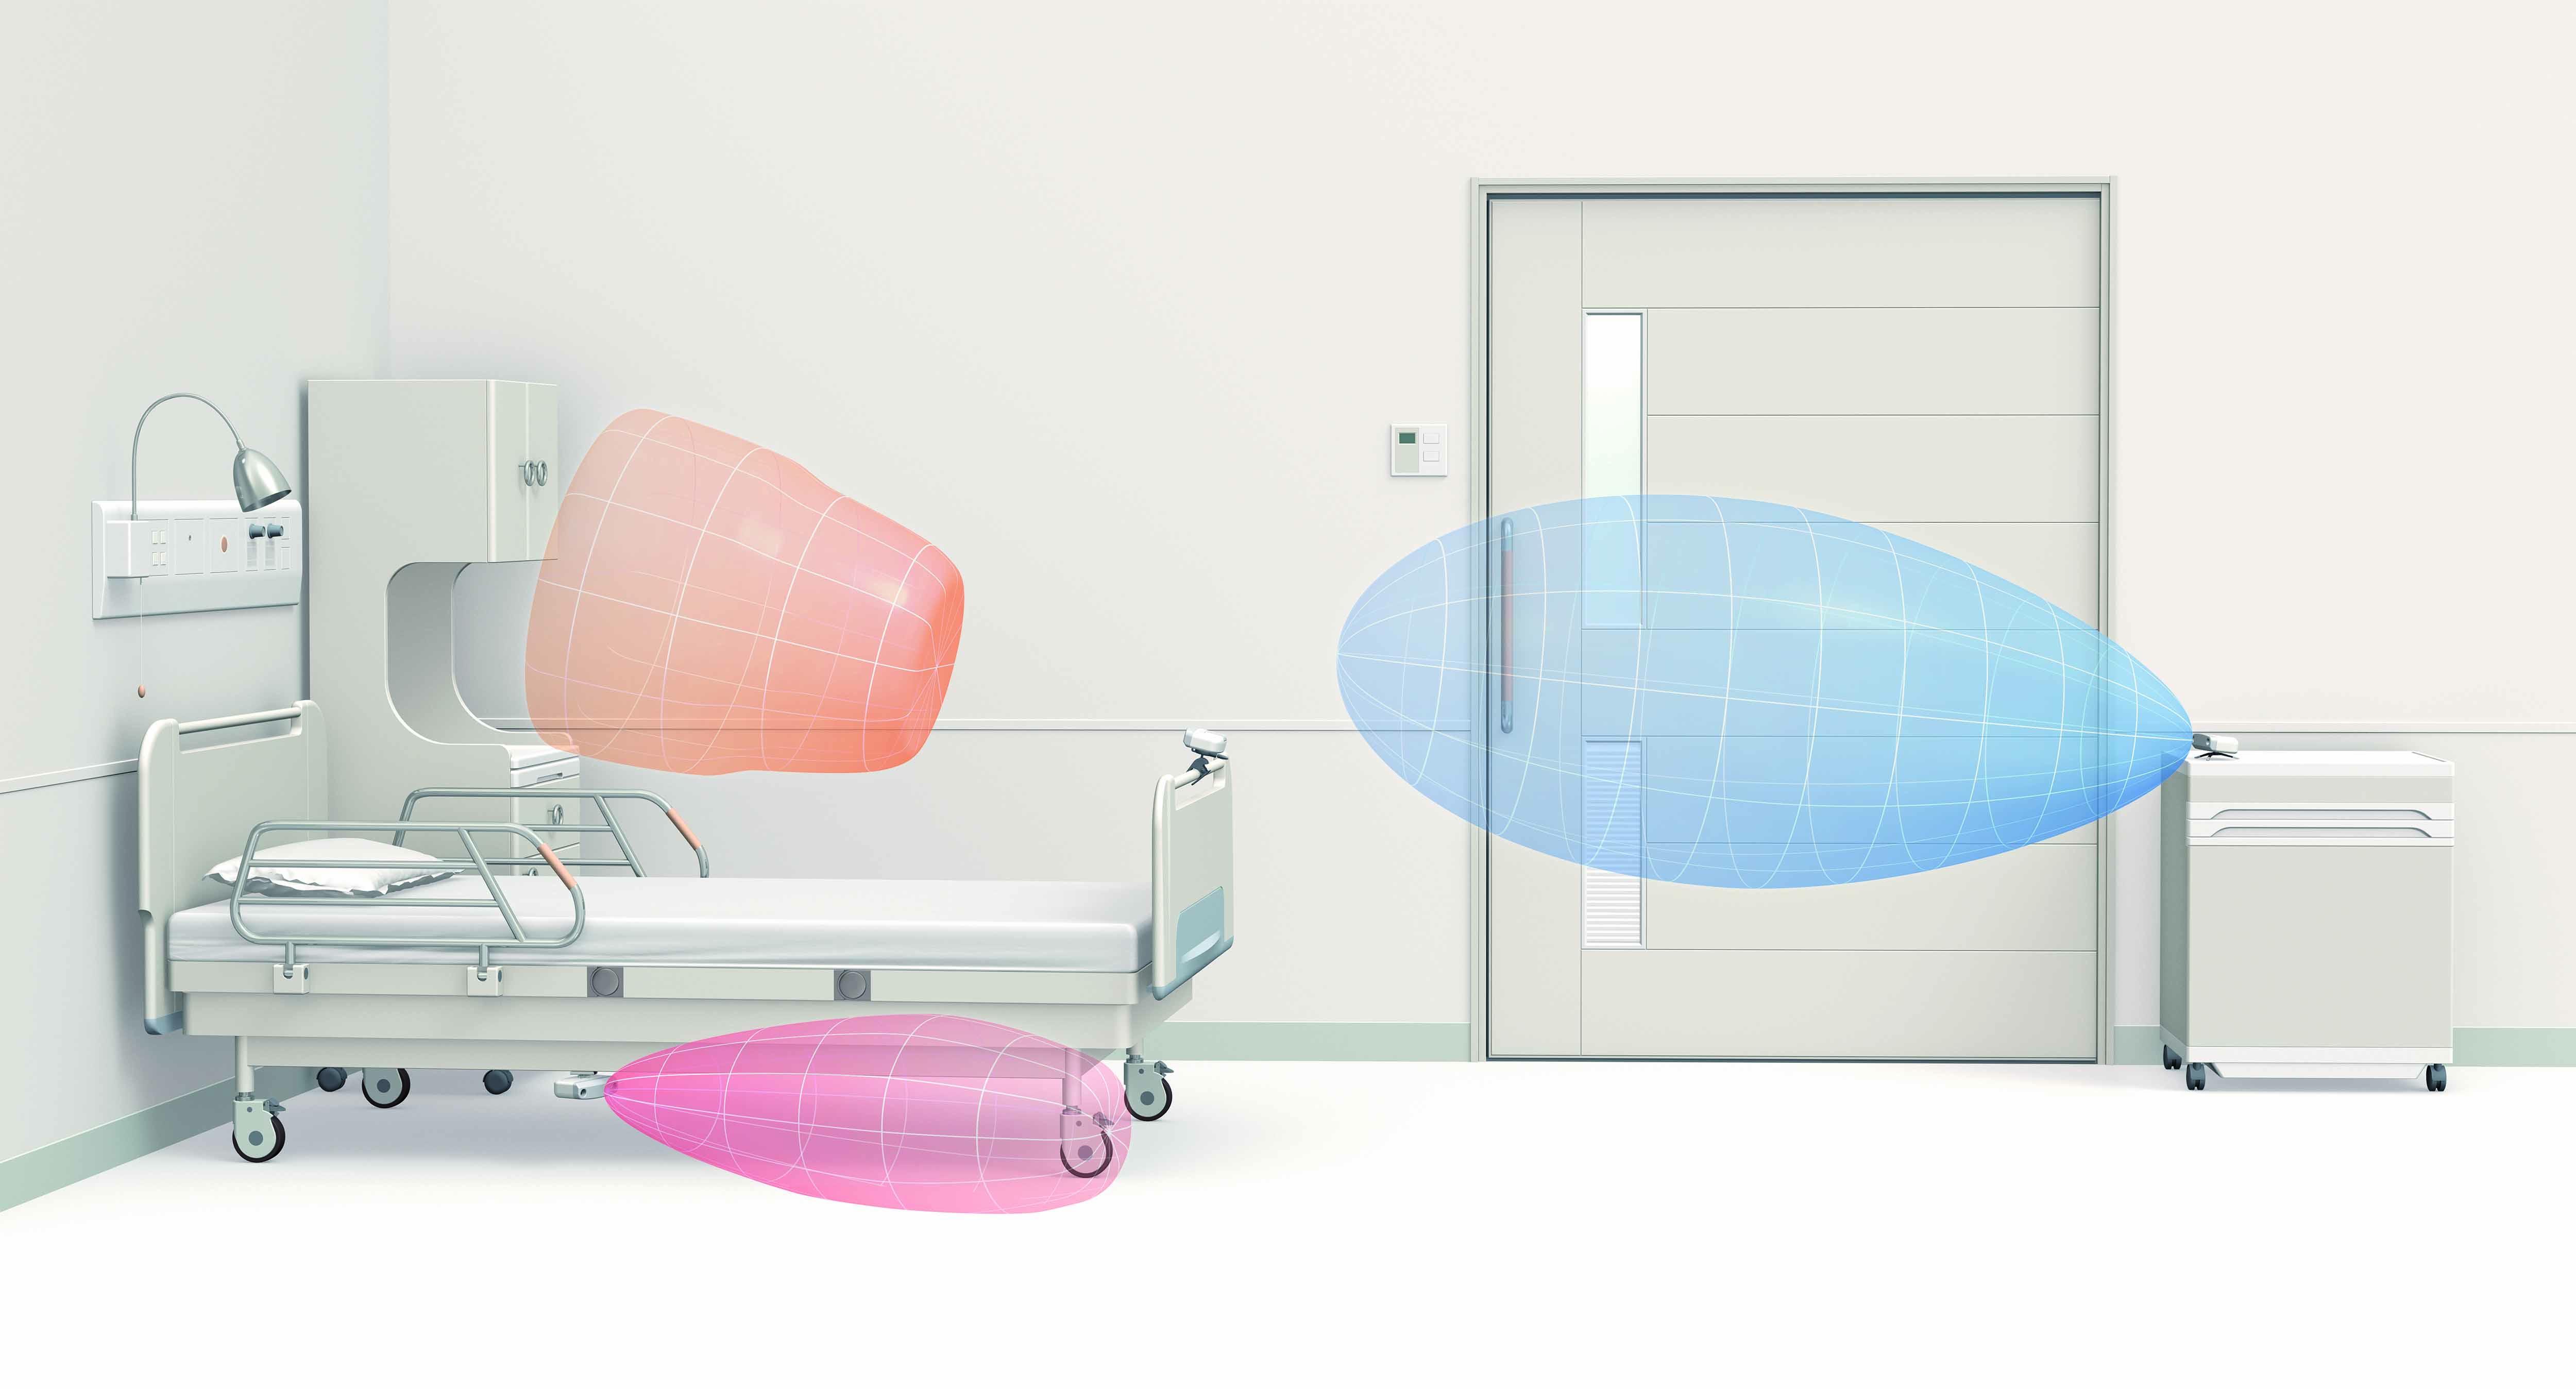 居室の出入りを見守りたい。設置場所が選べる超音波センサー。